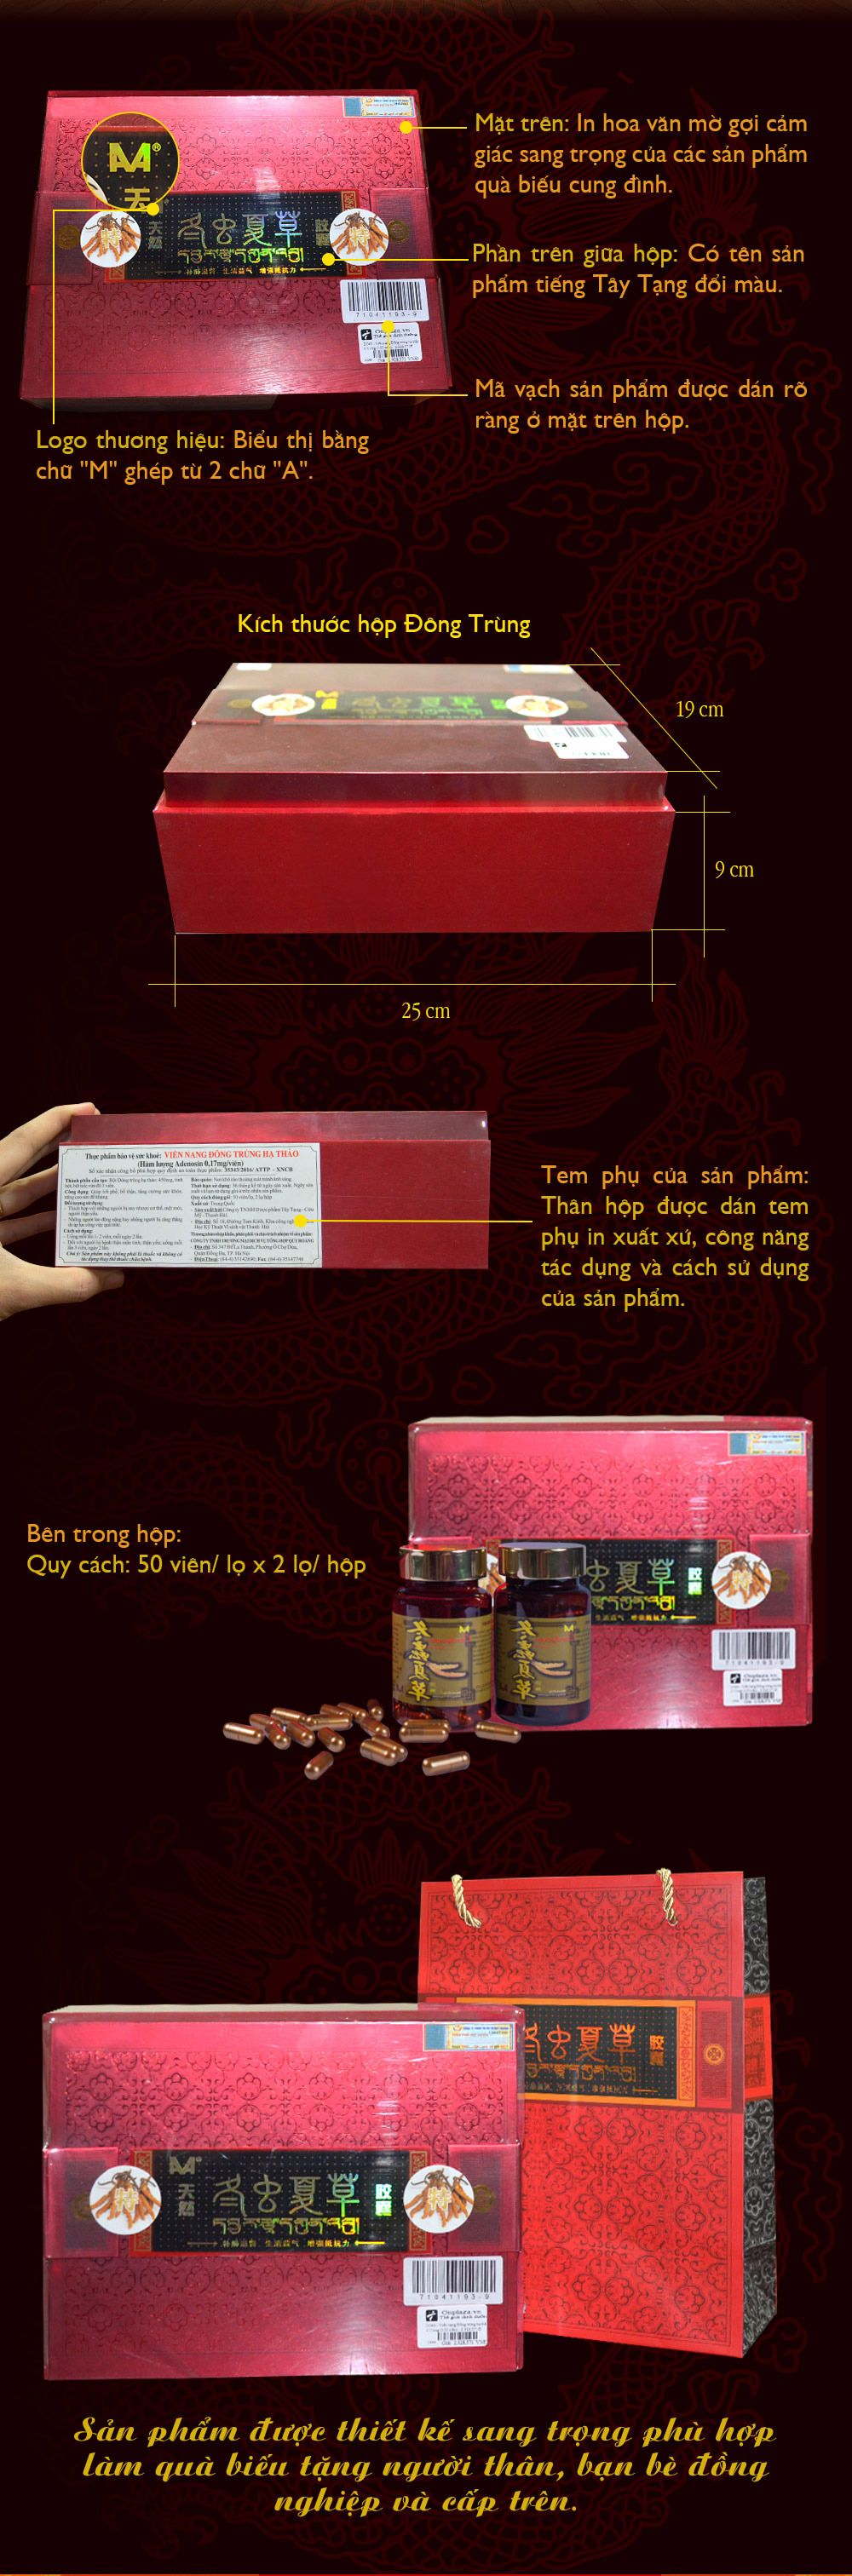 Đặc điểm trên bao bì của hộp sản phẩm